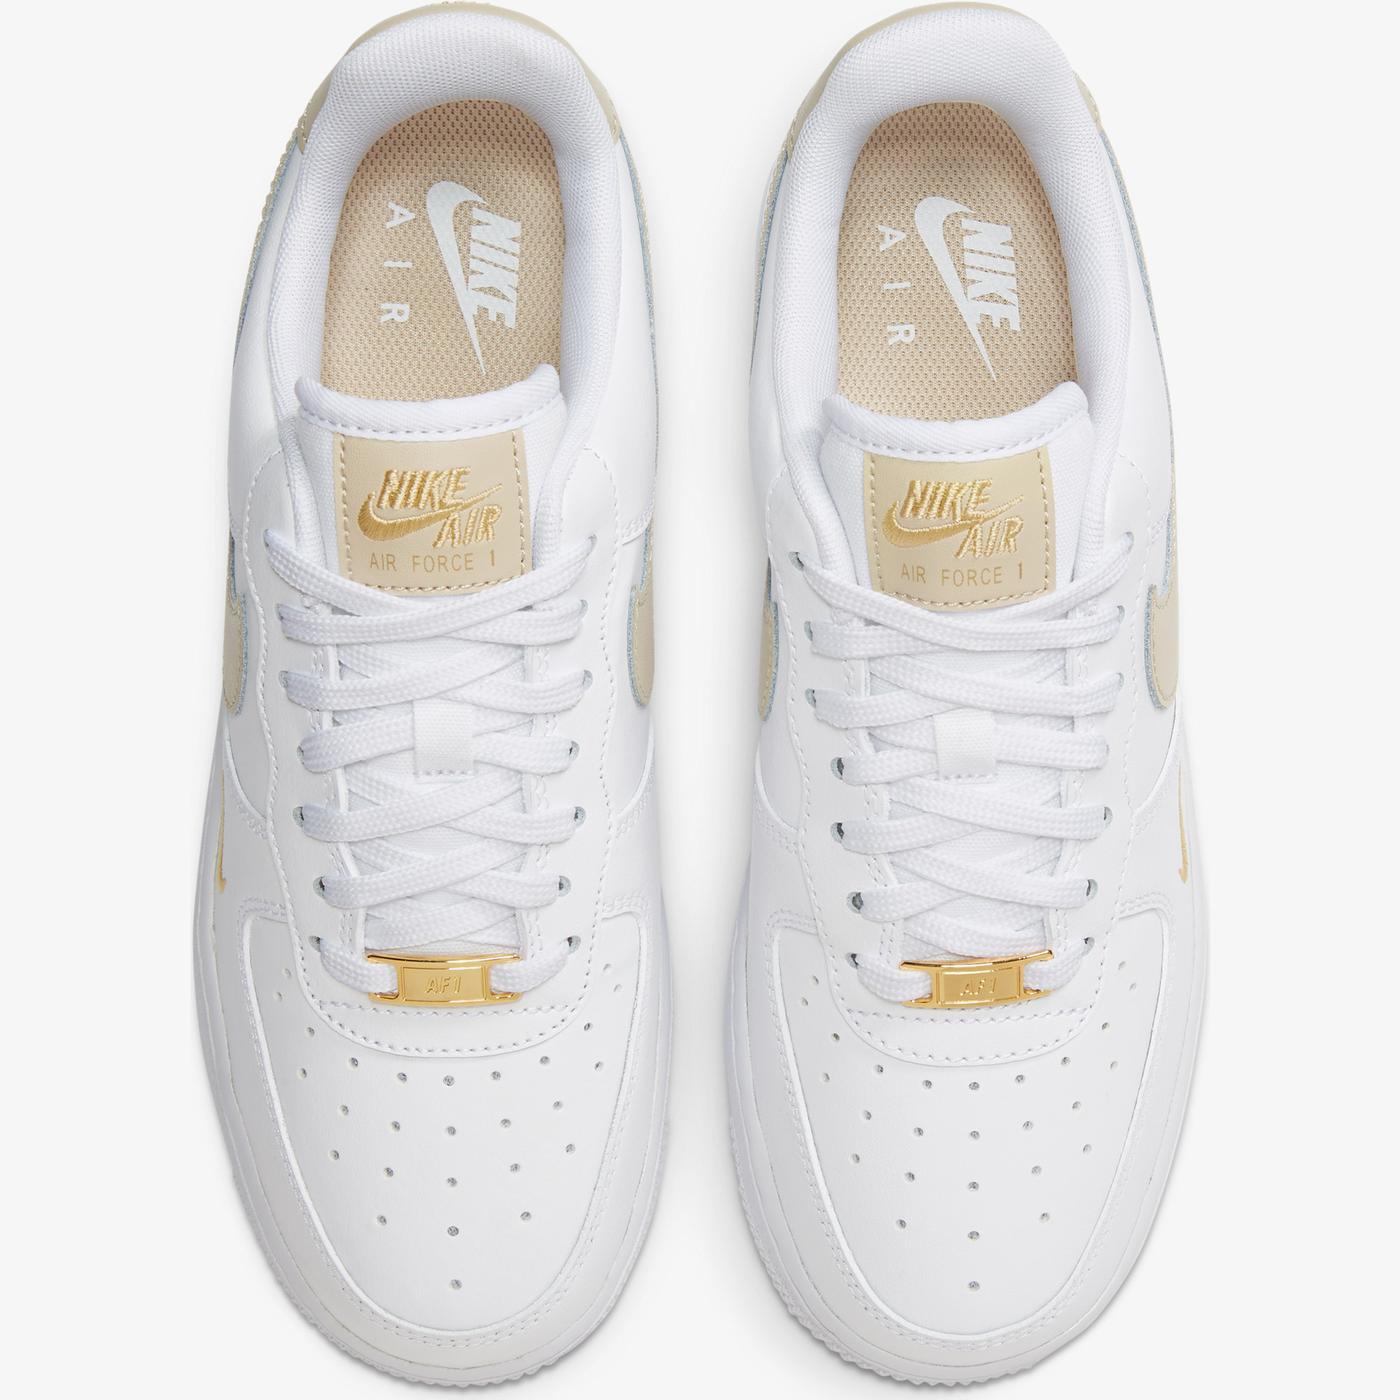 Nike Air Force 1 '07 Essential Kadın Beyaz Spor Ayakkabı